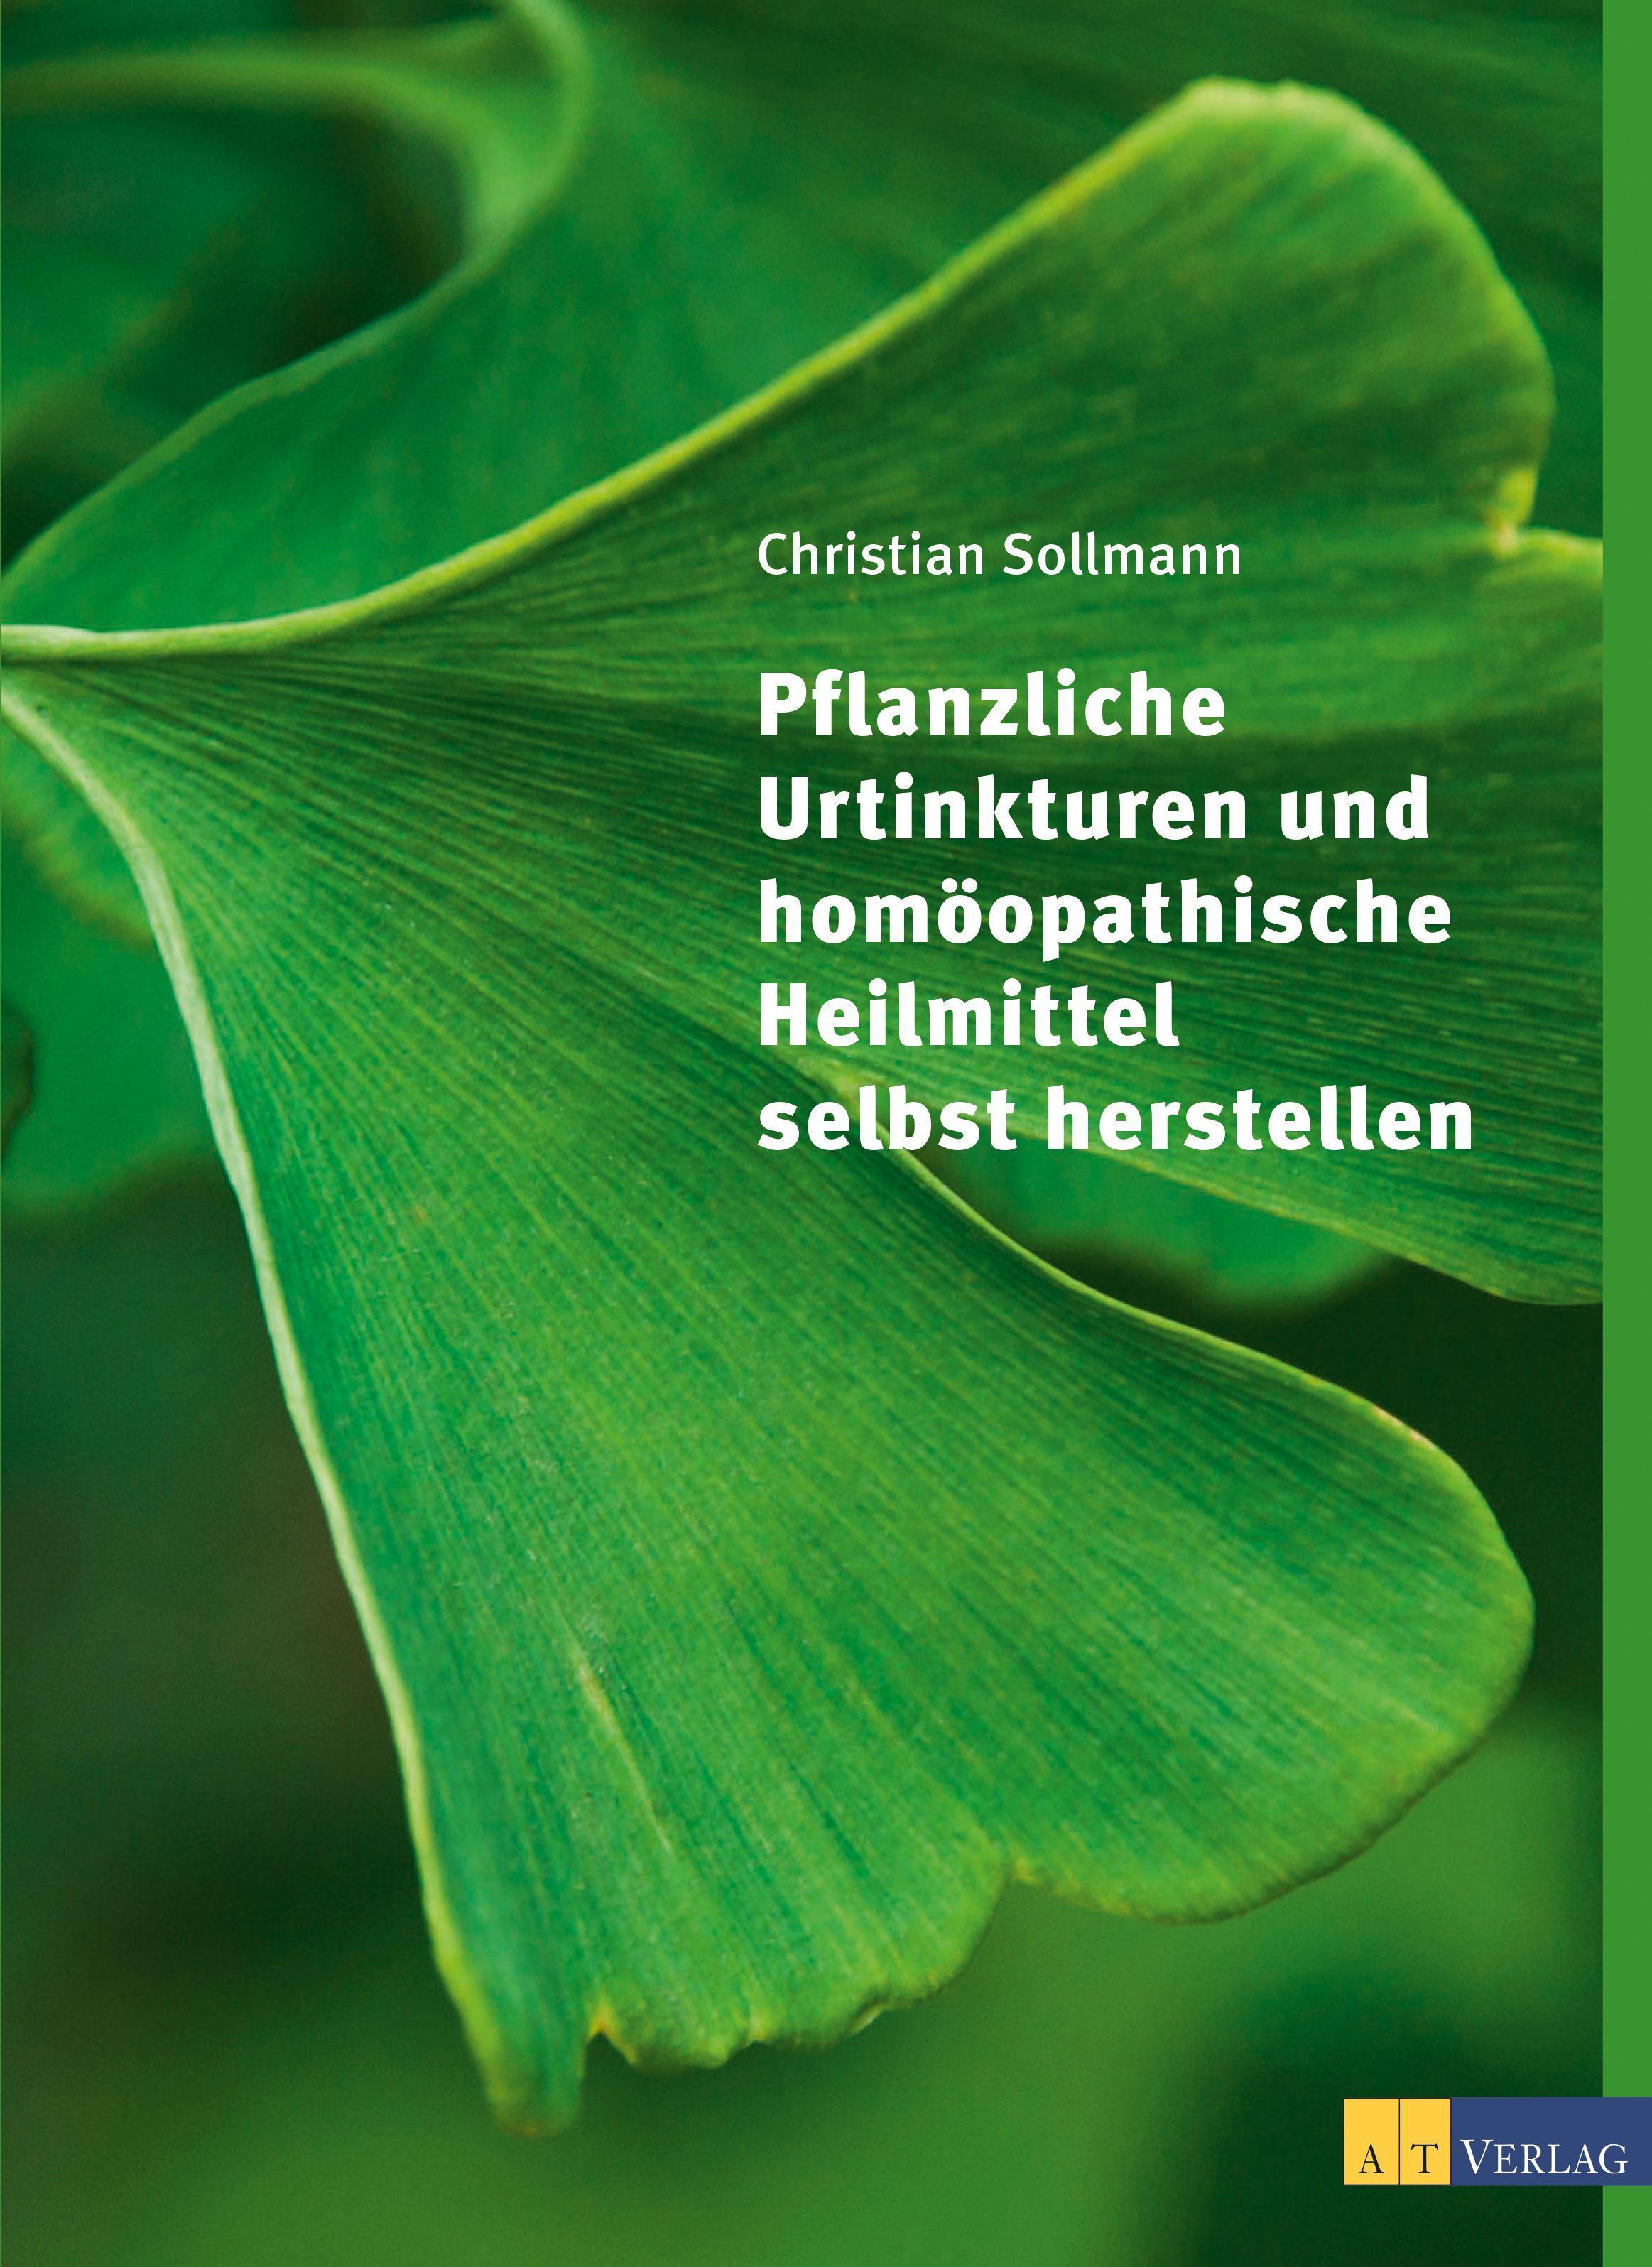 Pflanzliche Urtinkturen und homöopathische Heilmittel selbst herstellen Chr ...